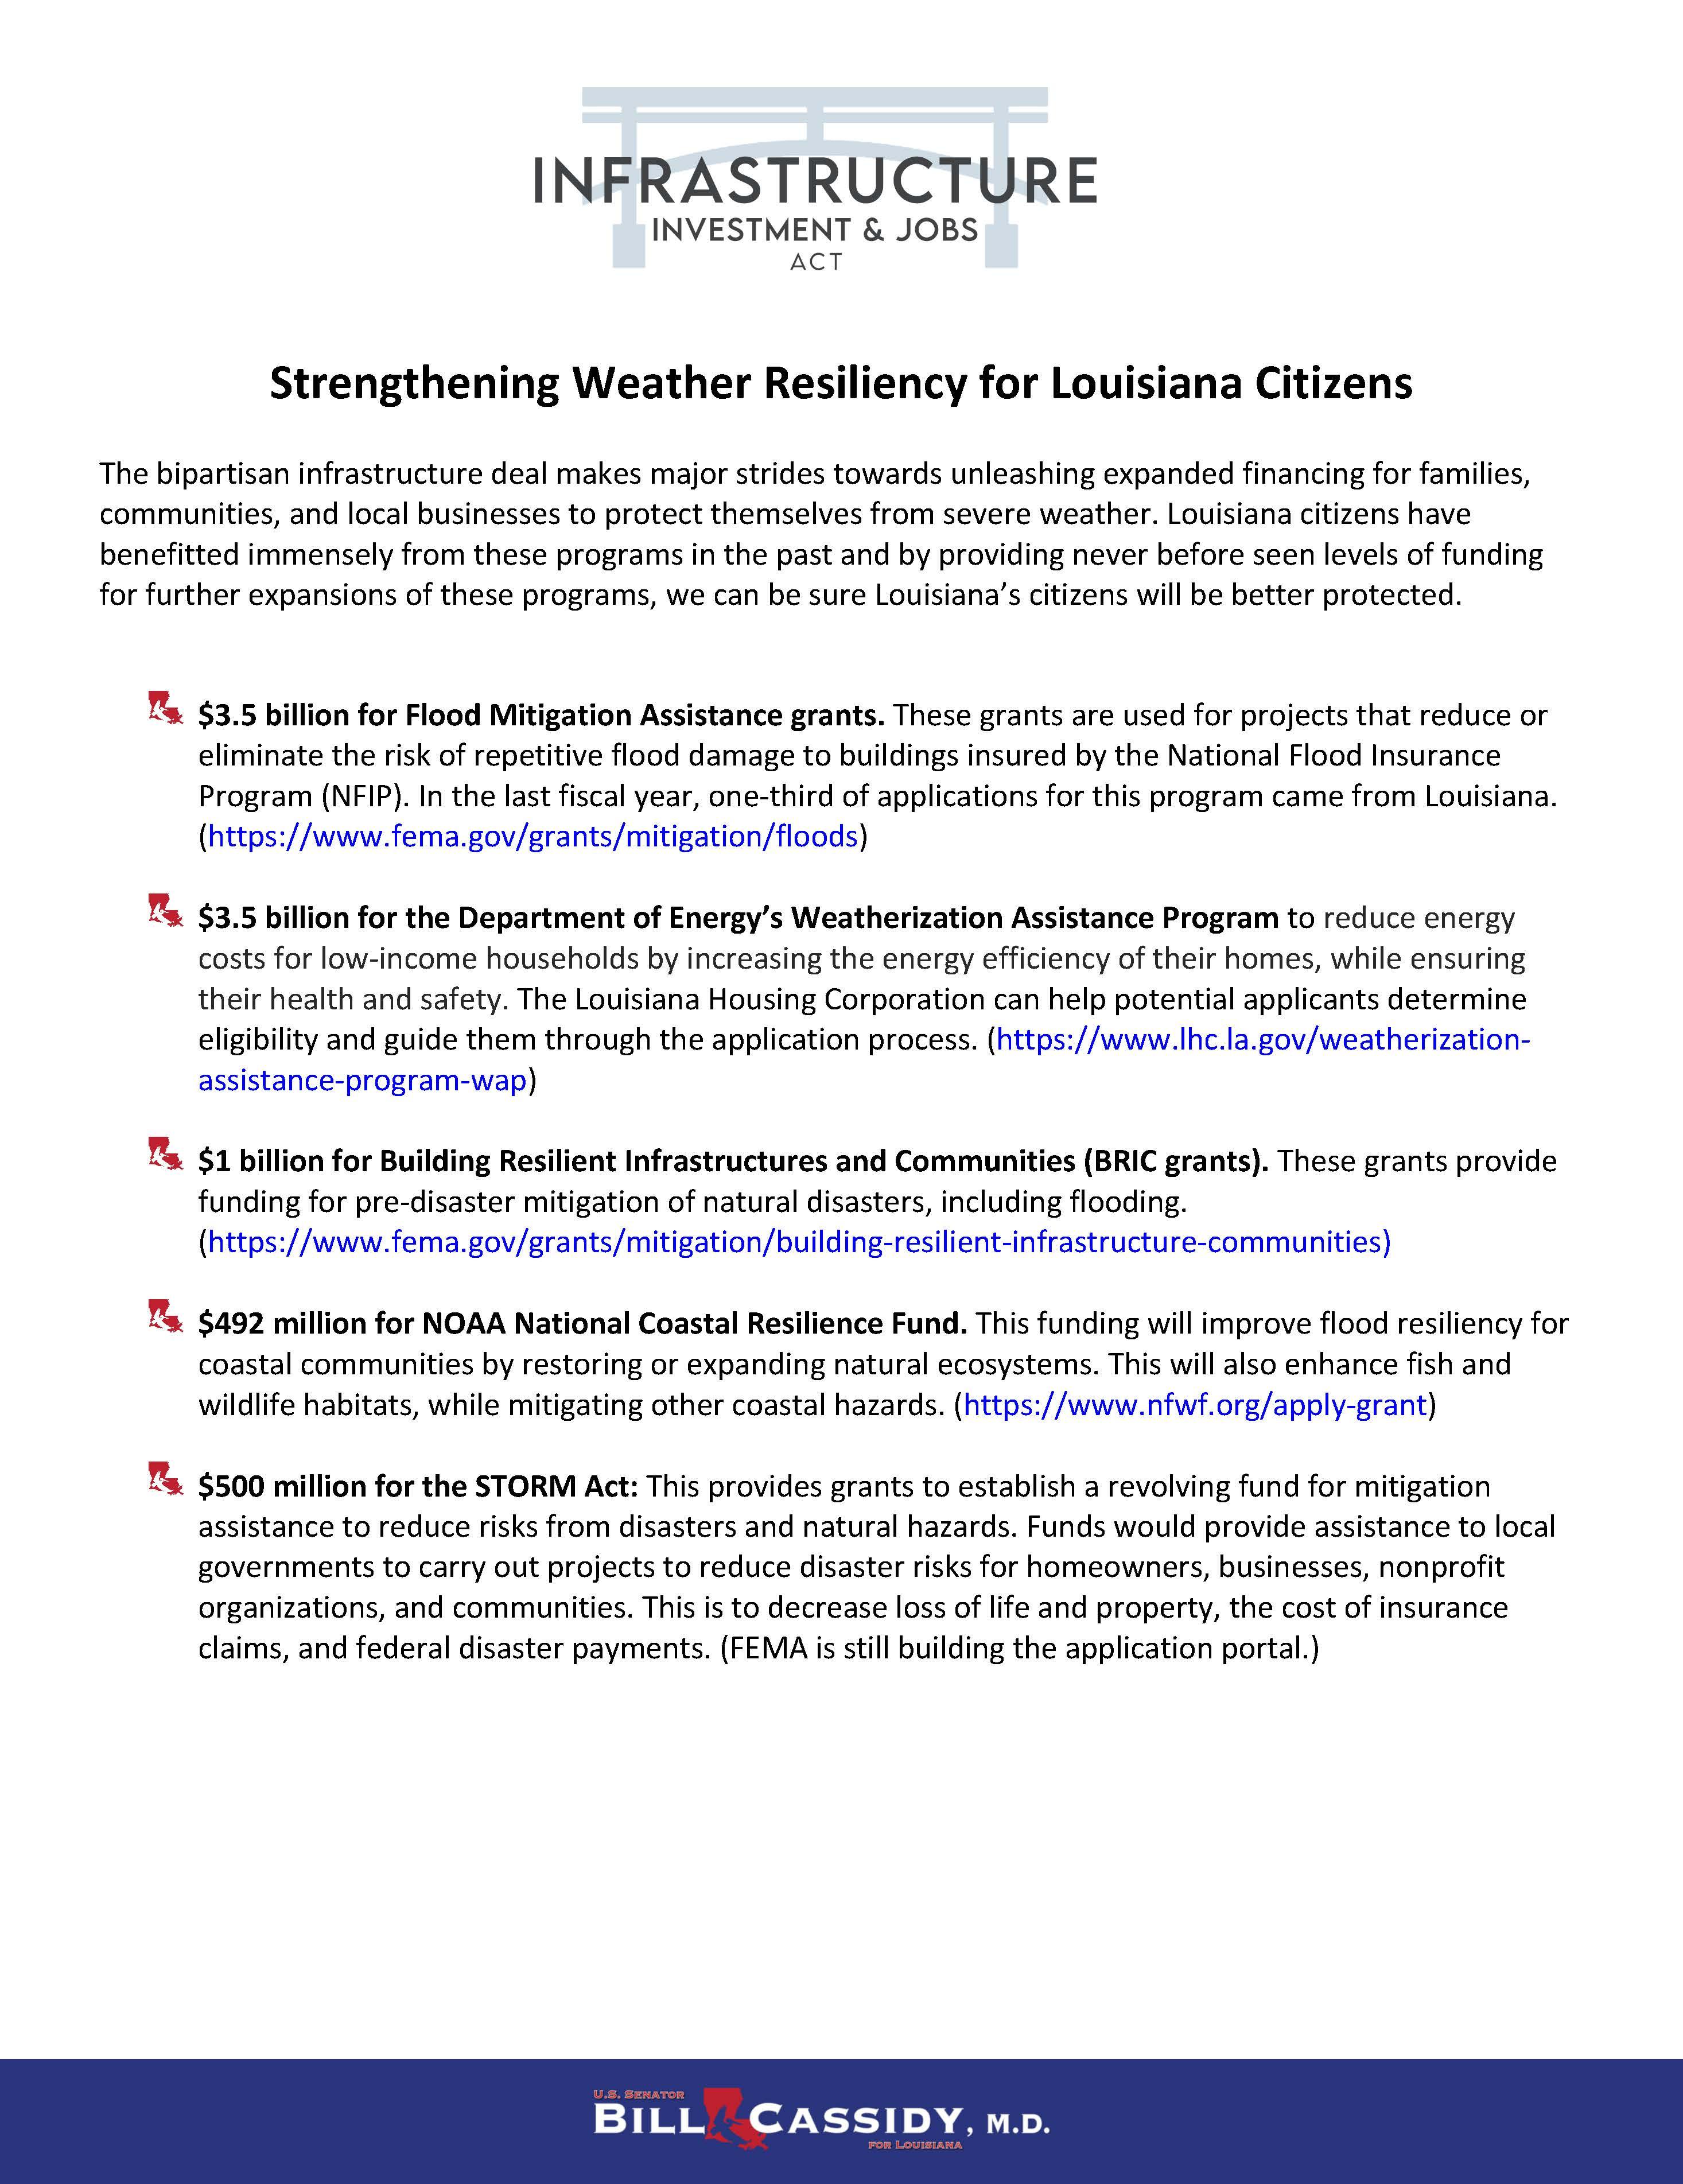 IIJA Weather Resiliency